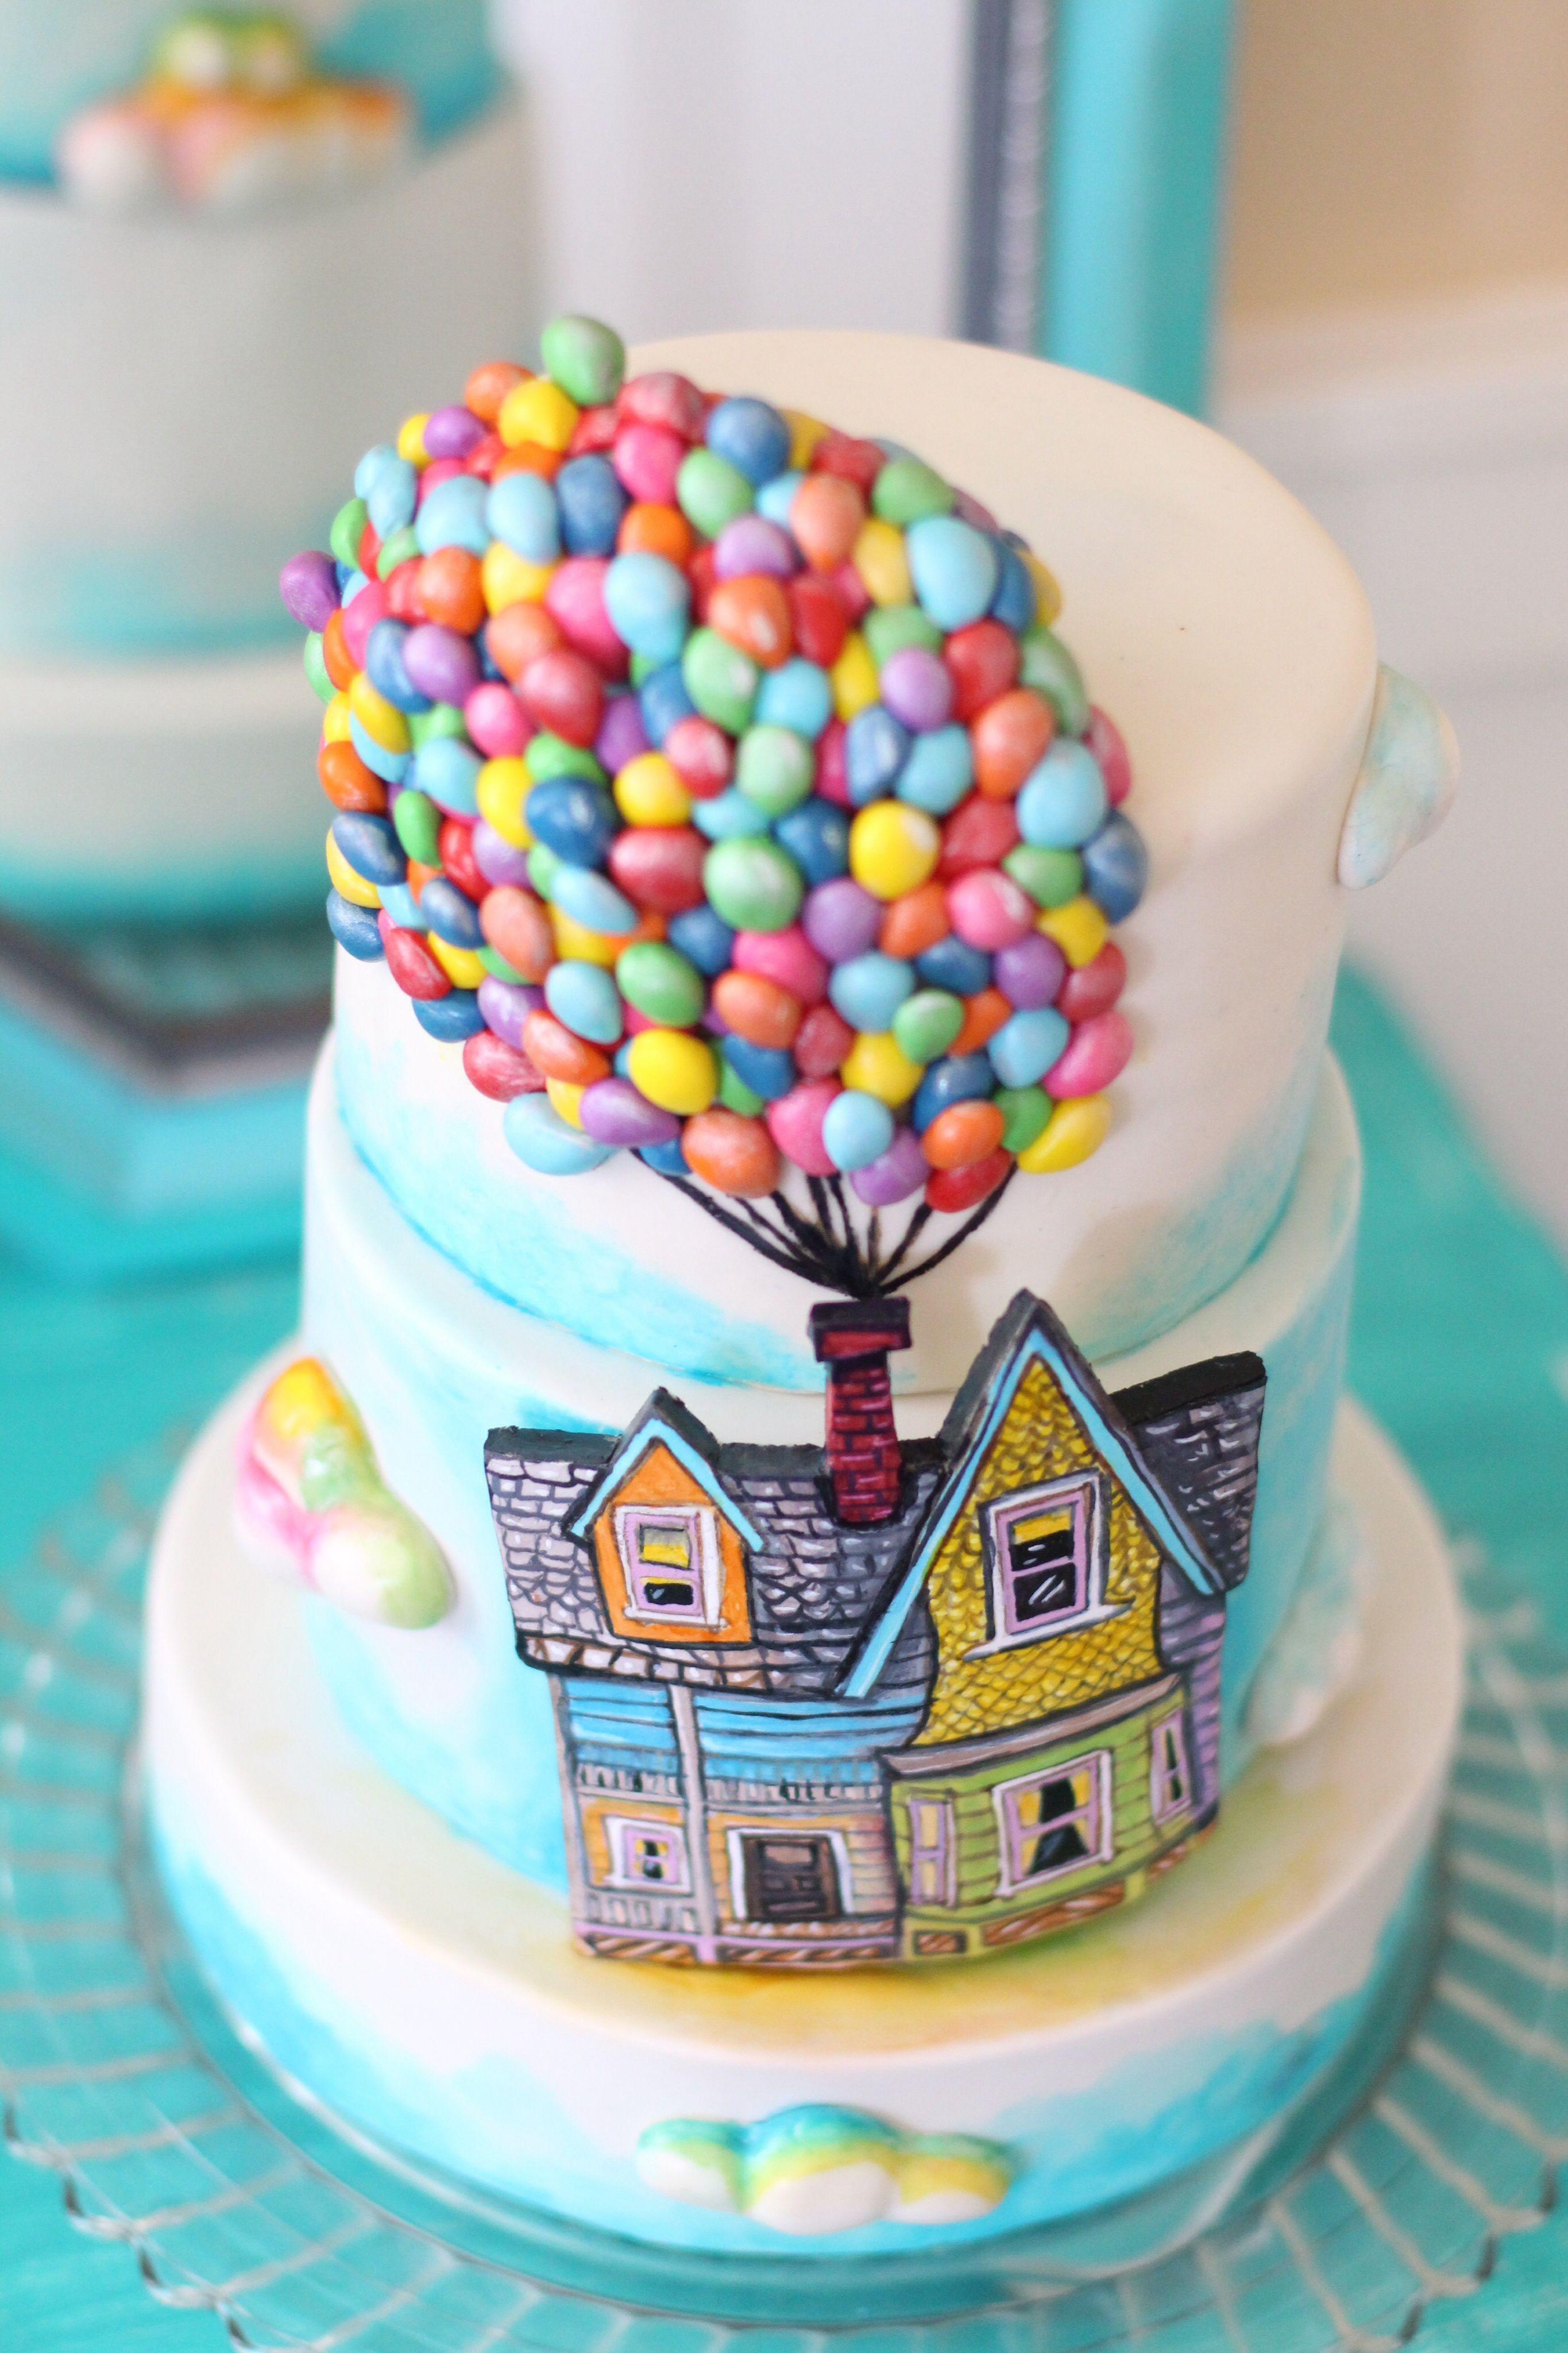 oben kuchen sweets n 39 cakes pinterest kuchen torten und tortendeko. Black Bedroom Furniture Sets. Home Design Ideas